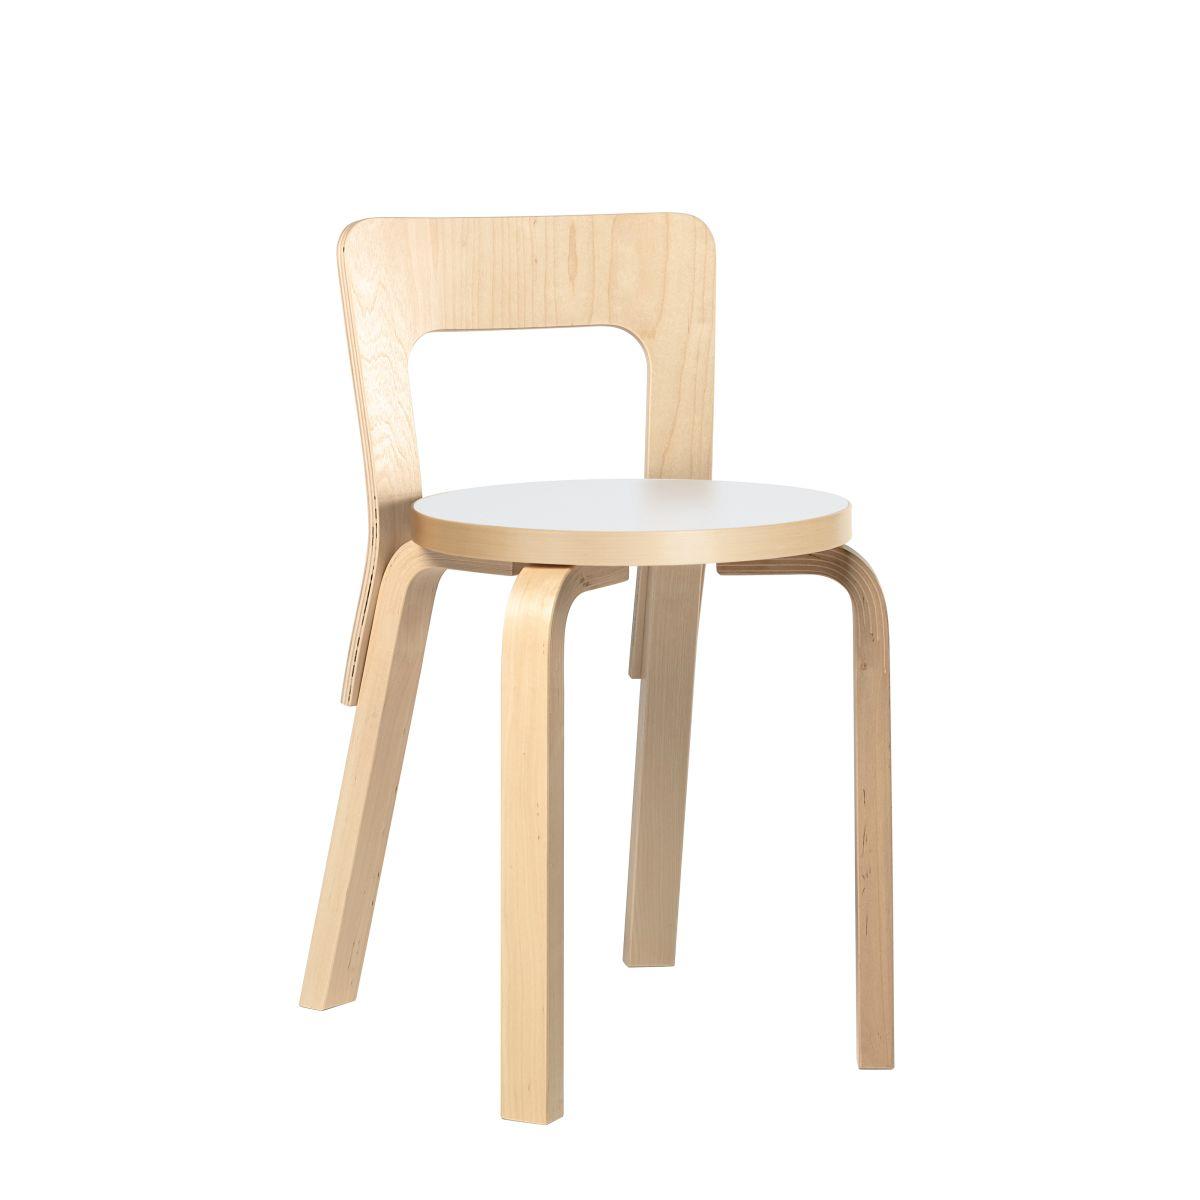 Chair 65 Legs Birch Top White Hpl 2463553